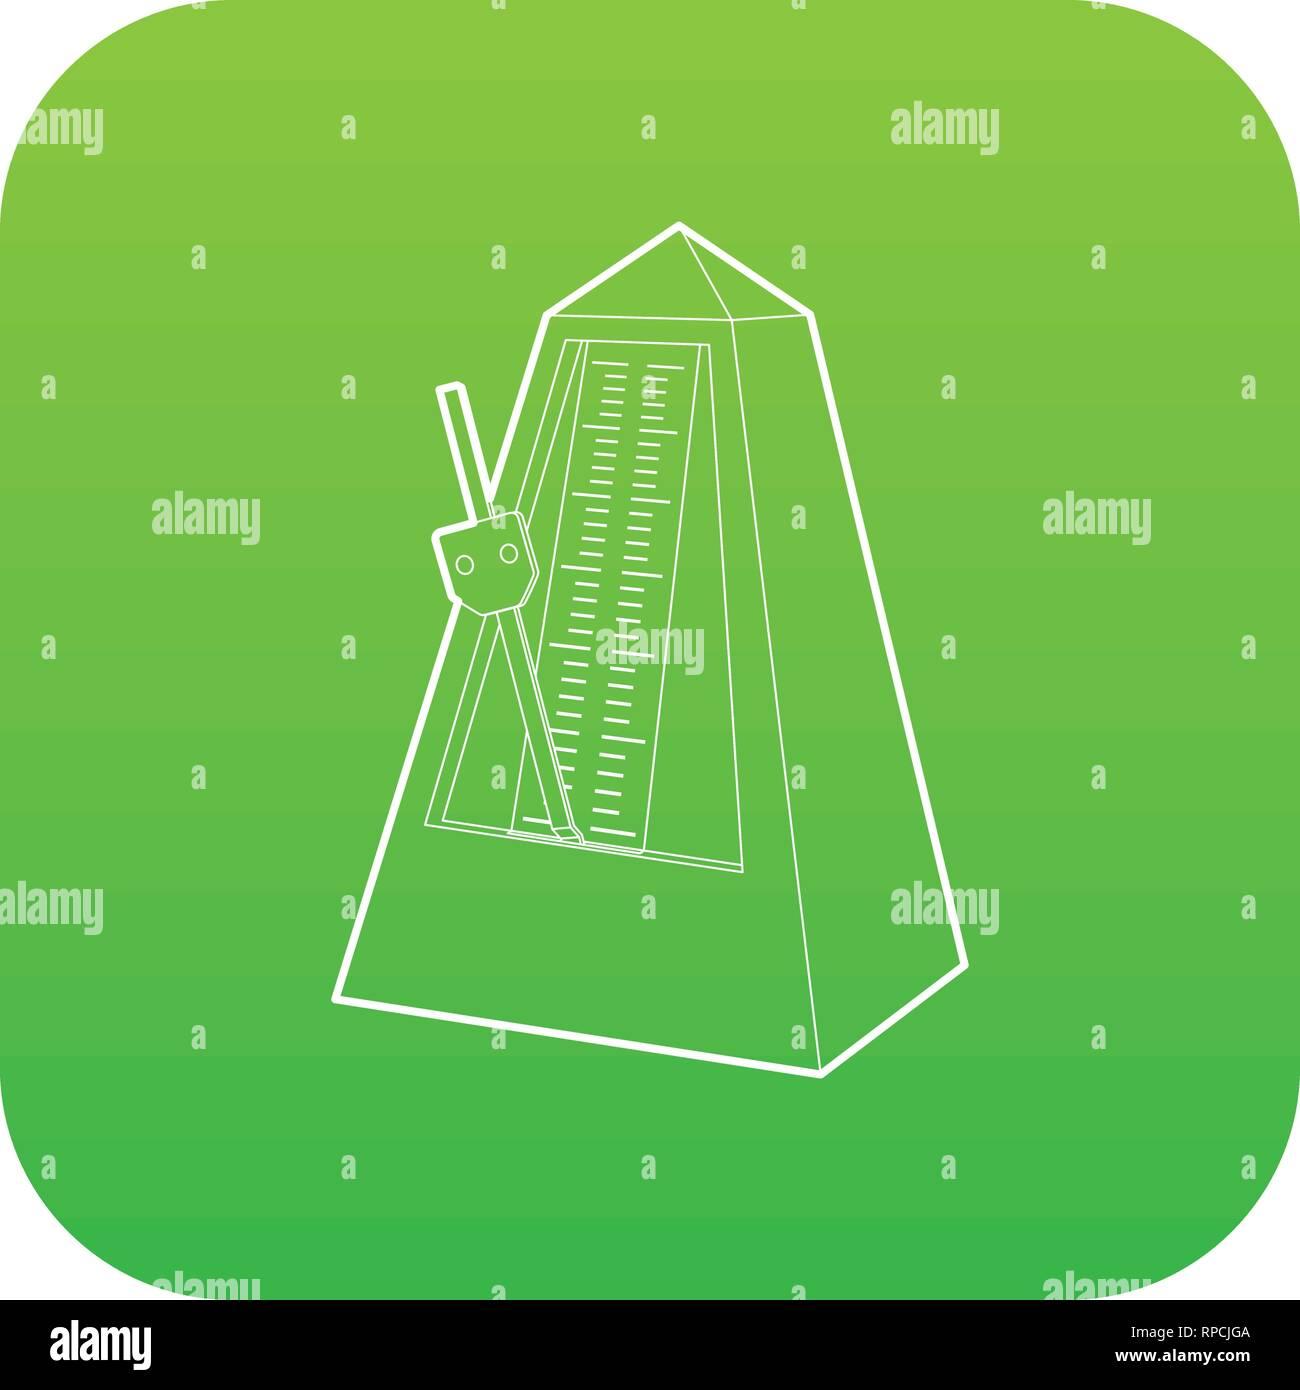 Metronome icon green vector - Stock Image